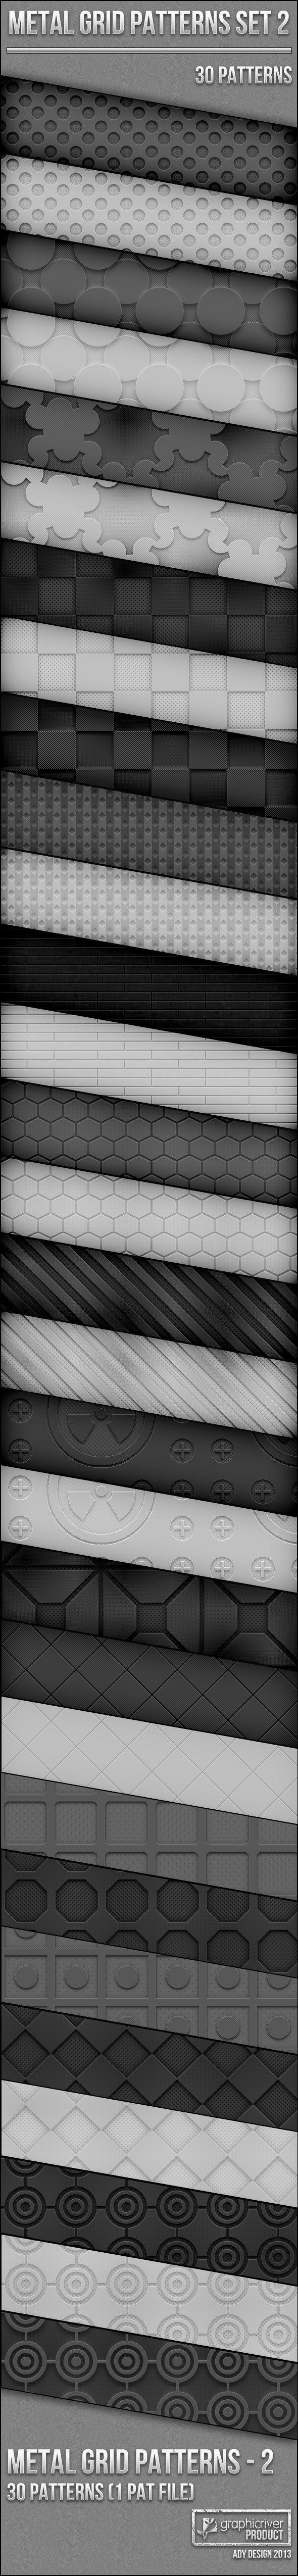 Metal Grid Patterns Set 2 - Techno / Futuristic Textures / Fills / Patterns